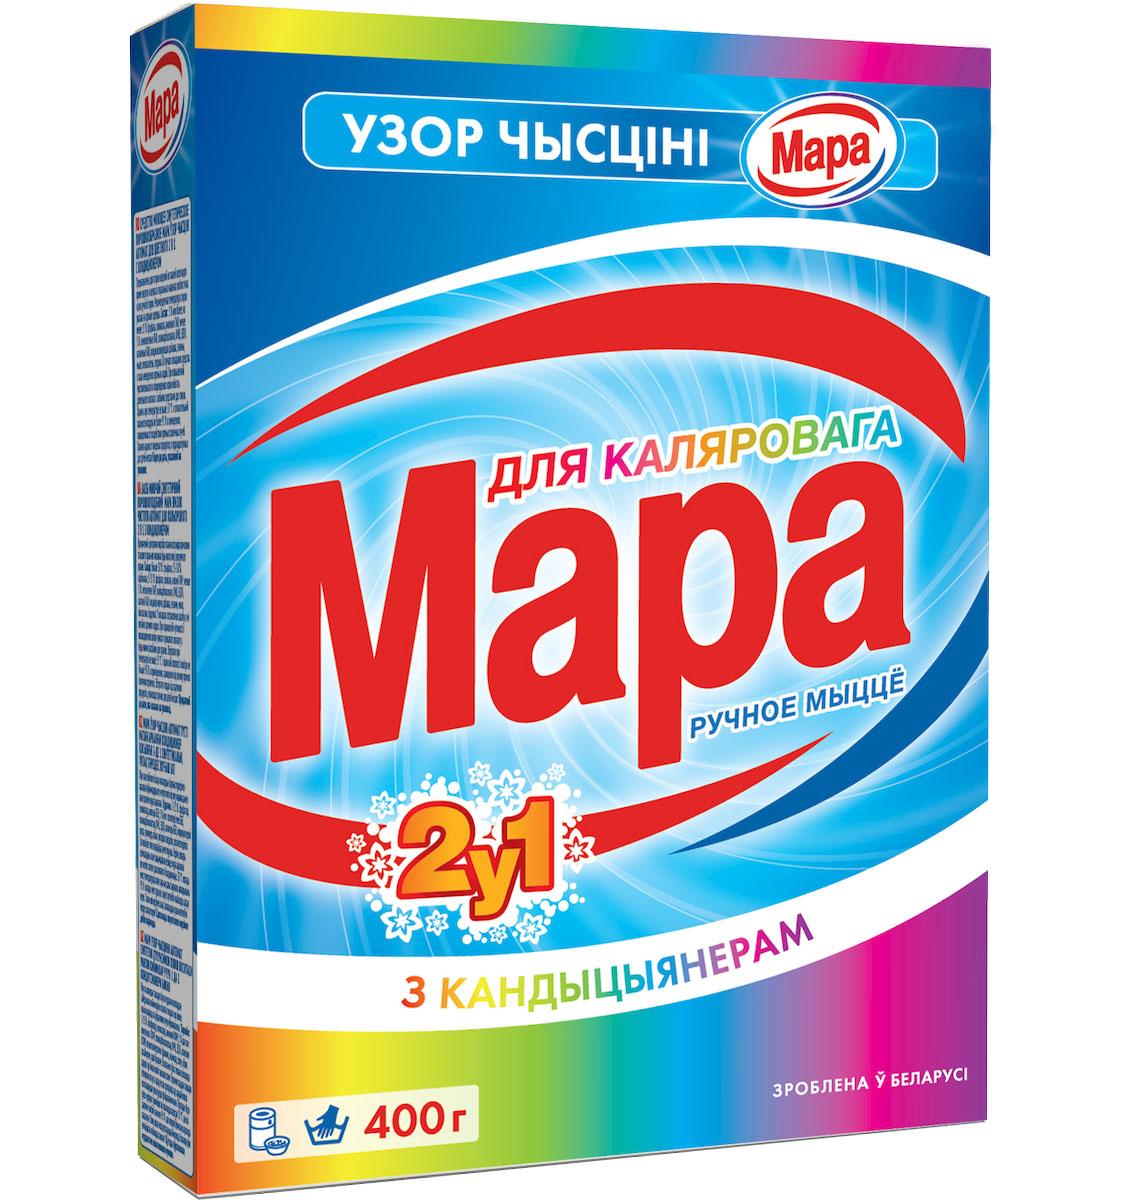 Стиральный порошок Мара Узор Чысціні, для цветного 2 в 1, с кондиционером, ручная стирка, 0,4 кг4814628004496